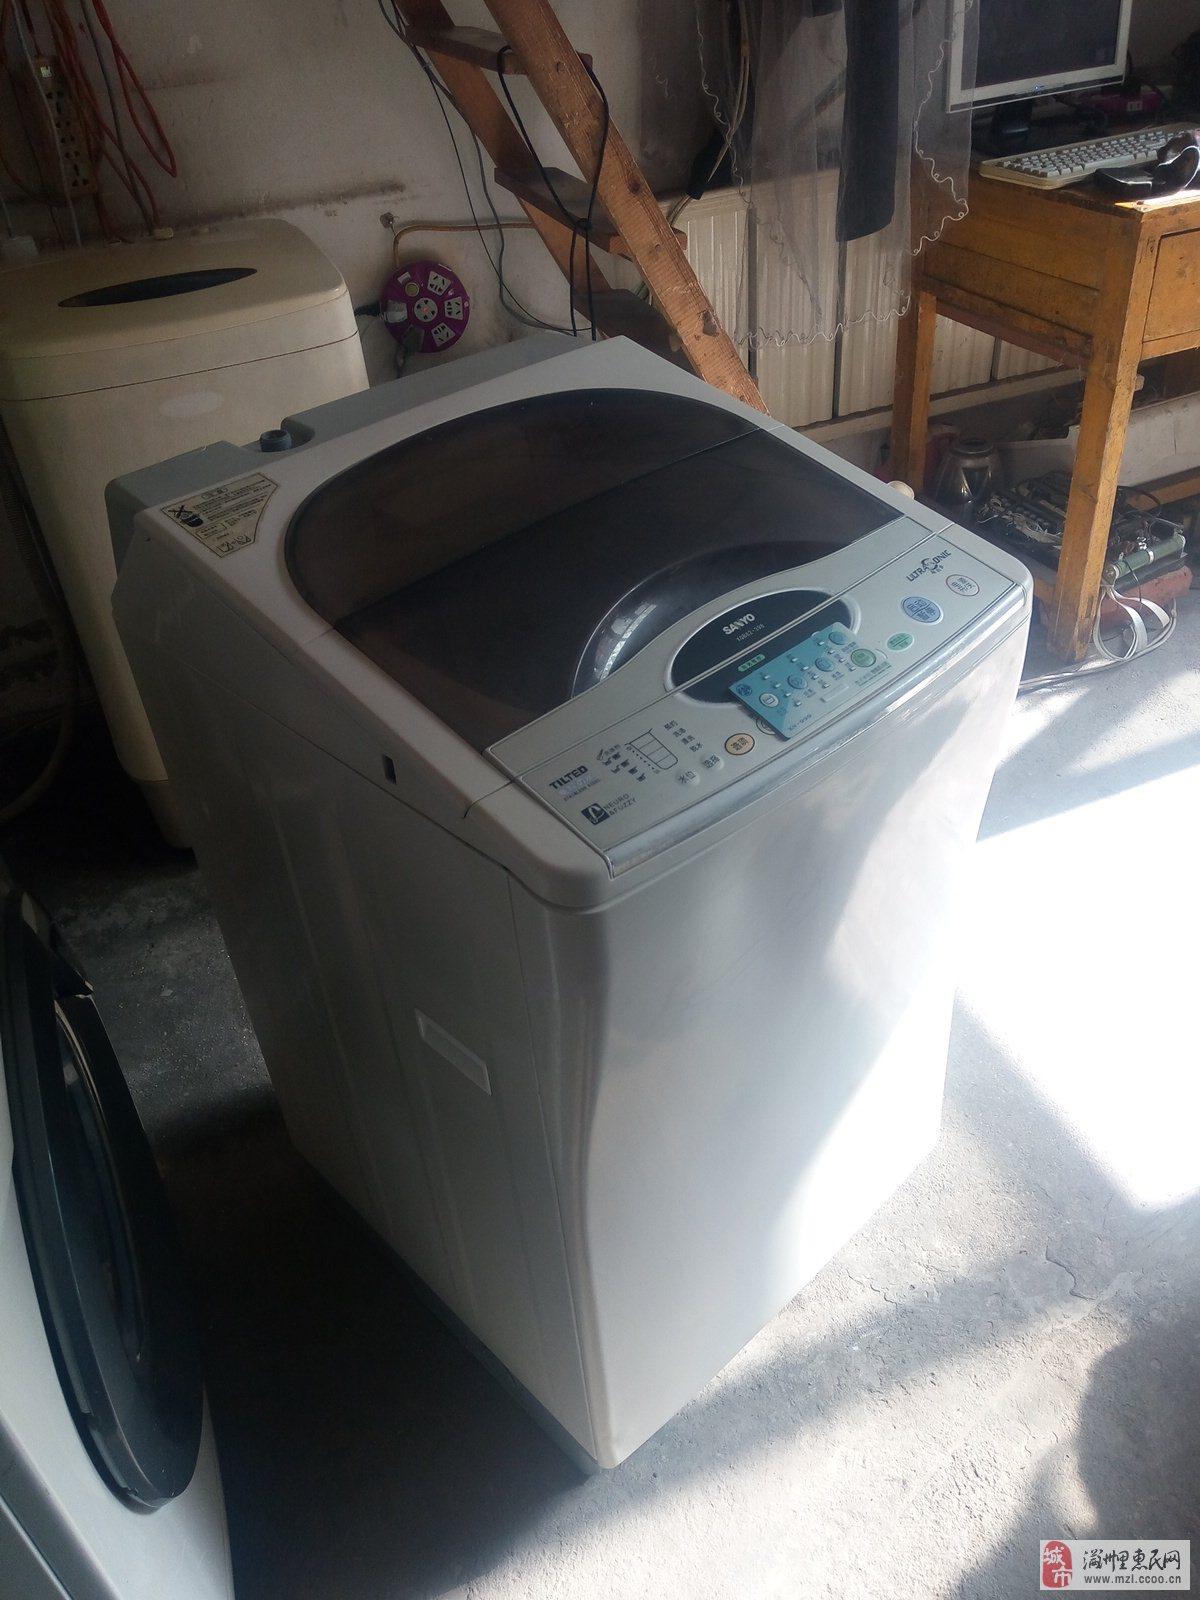 出售二手荣事达,合肥三洋全自动洗衣机.